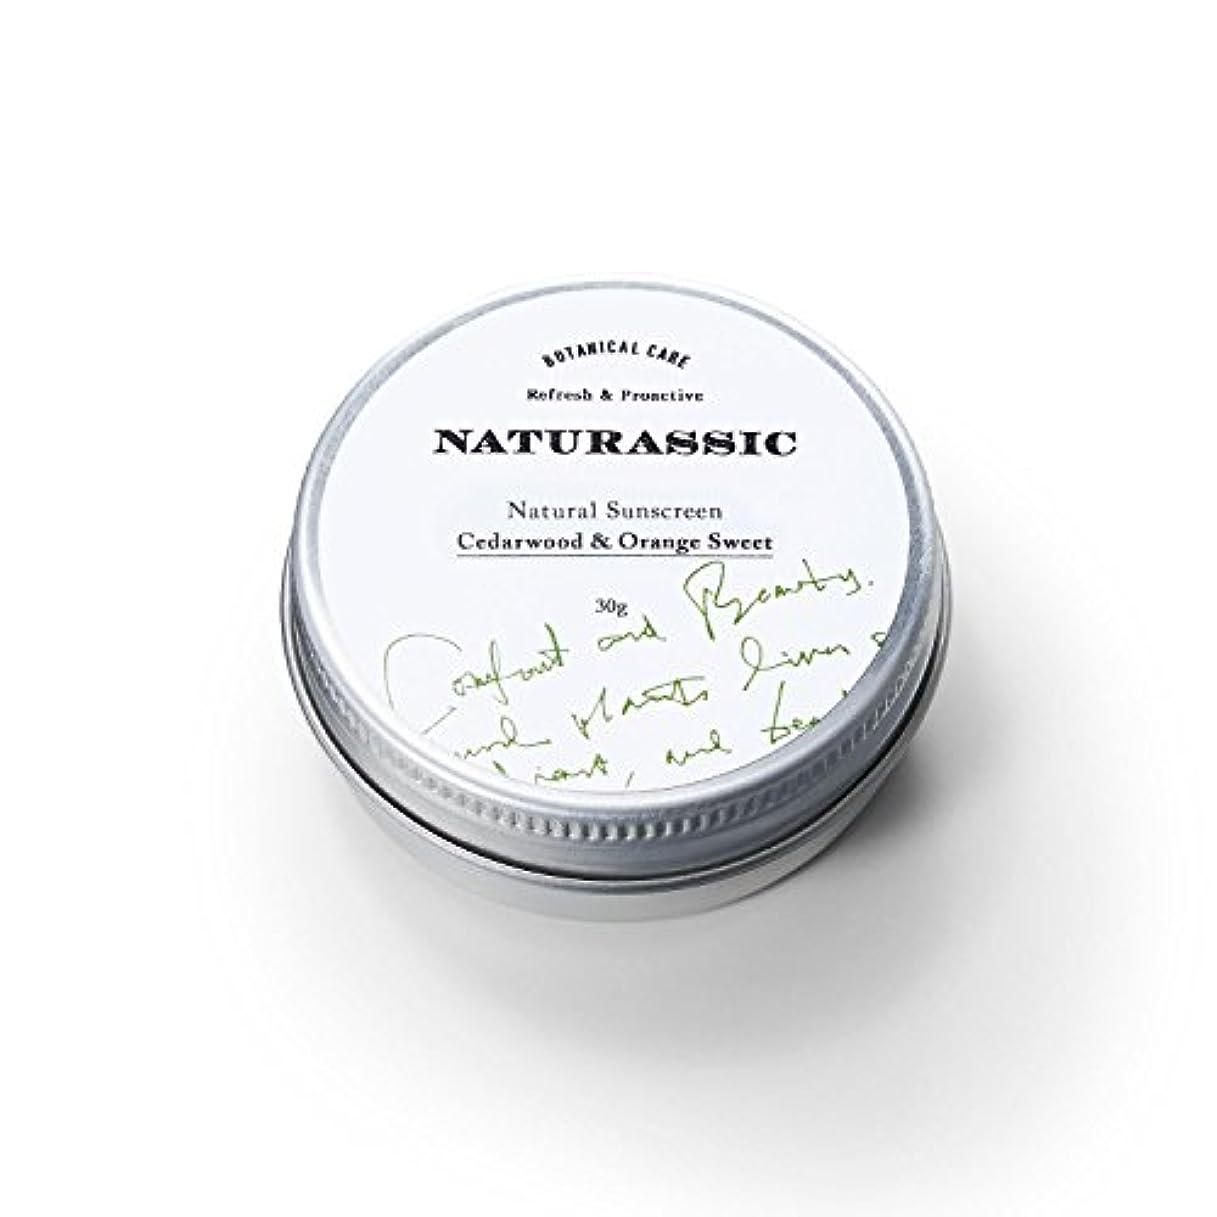 ブラケット天窓目的ナチュラシック ナチュラルサンスクリーンCO シダーウッド&オレンジスイートの香り 30g [天然由来成分100%]